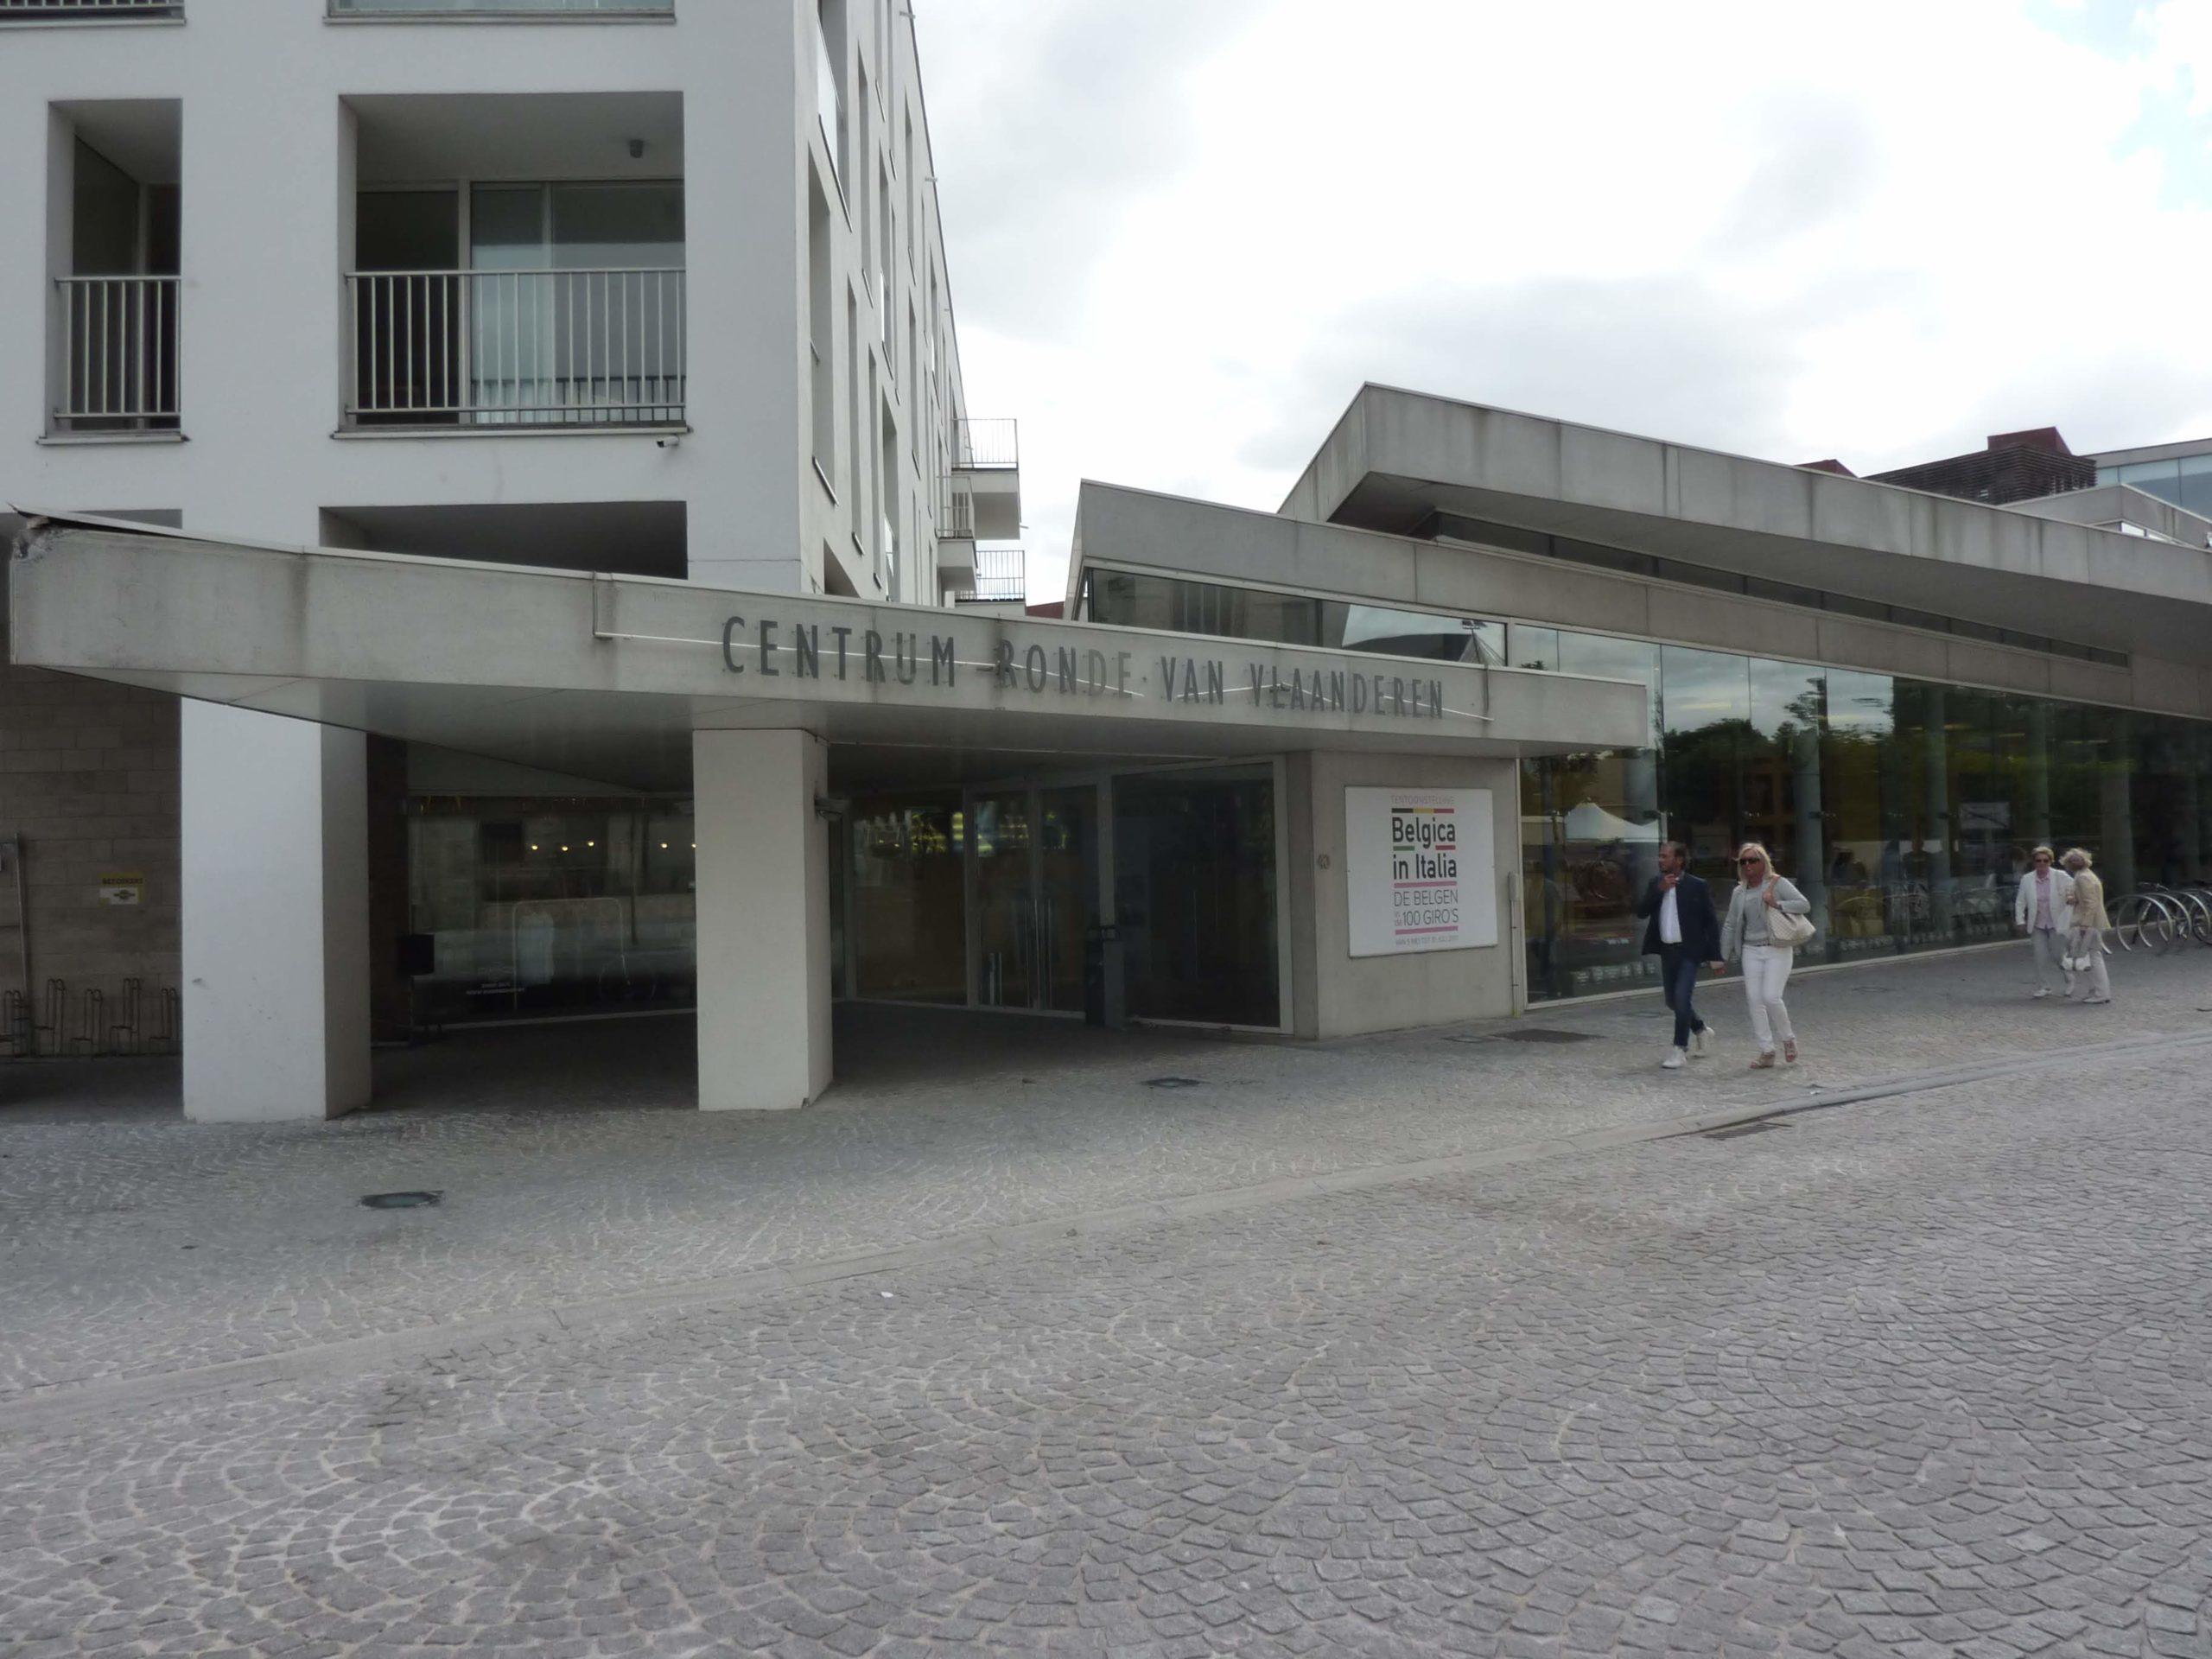 ロンドファンフラーデレン記念館